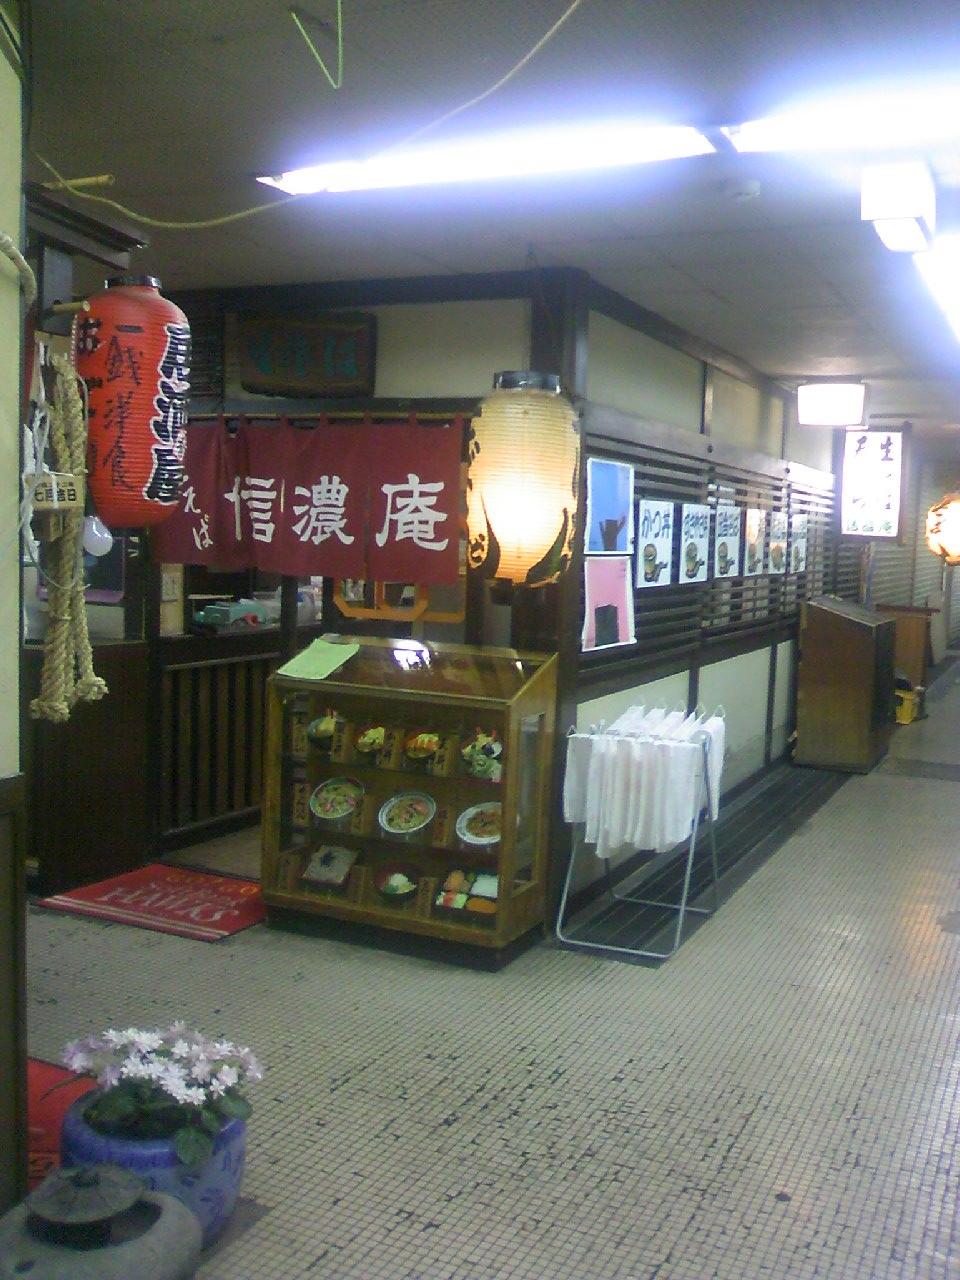 信濃庵 千代町店